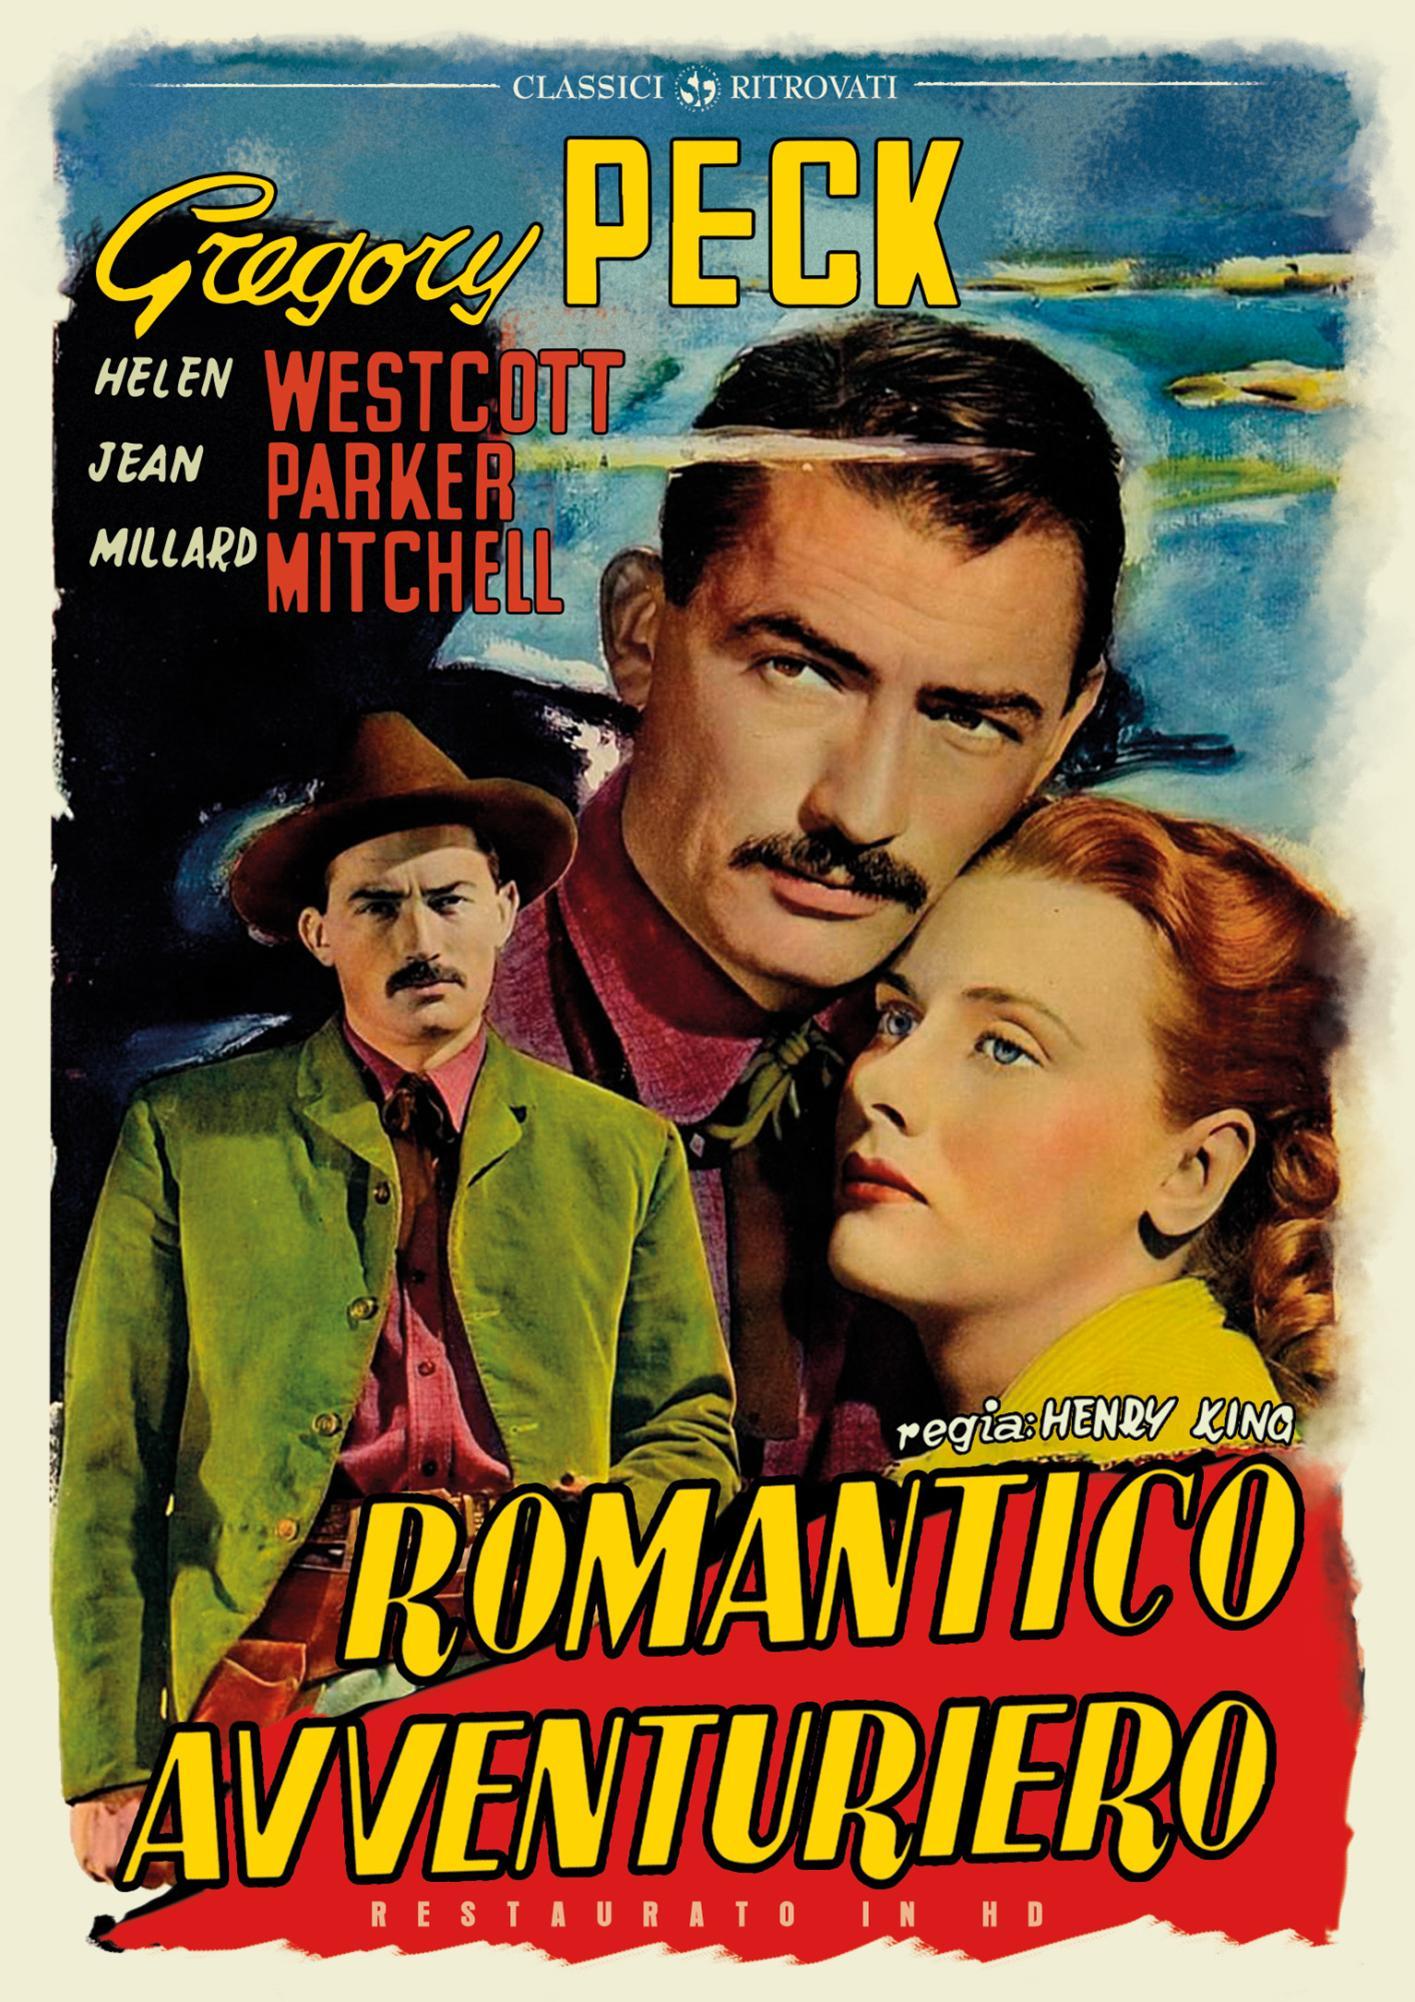 ROMANTICO AVVENTURIERO (RESTAURATO IN HD) (DVD)